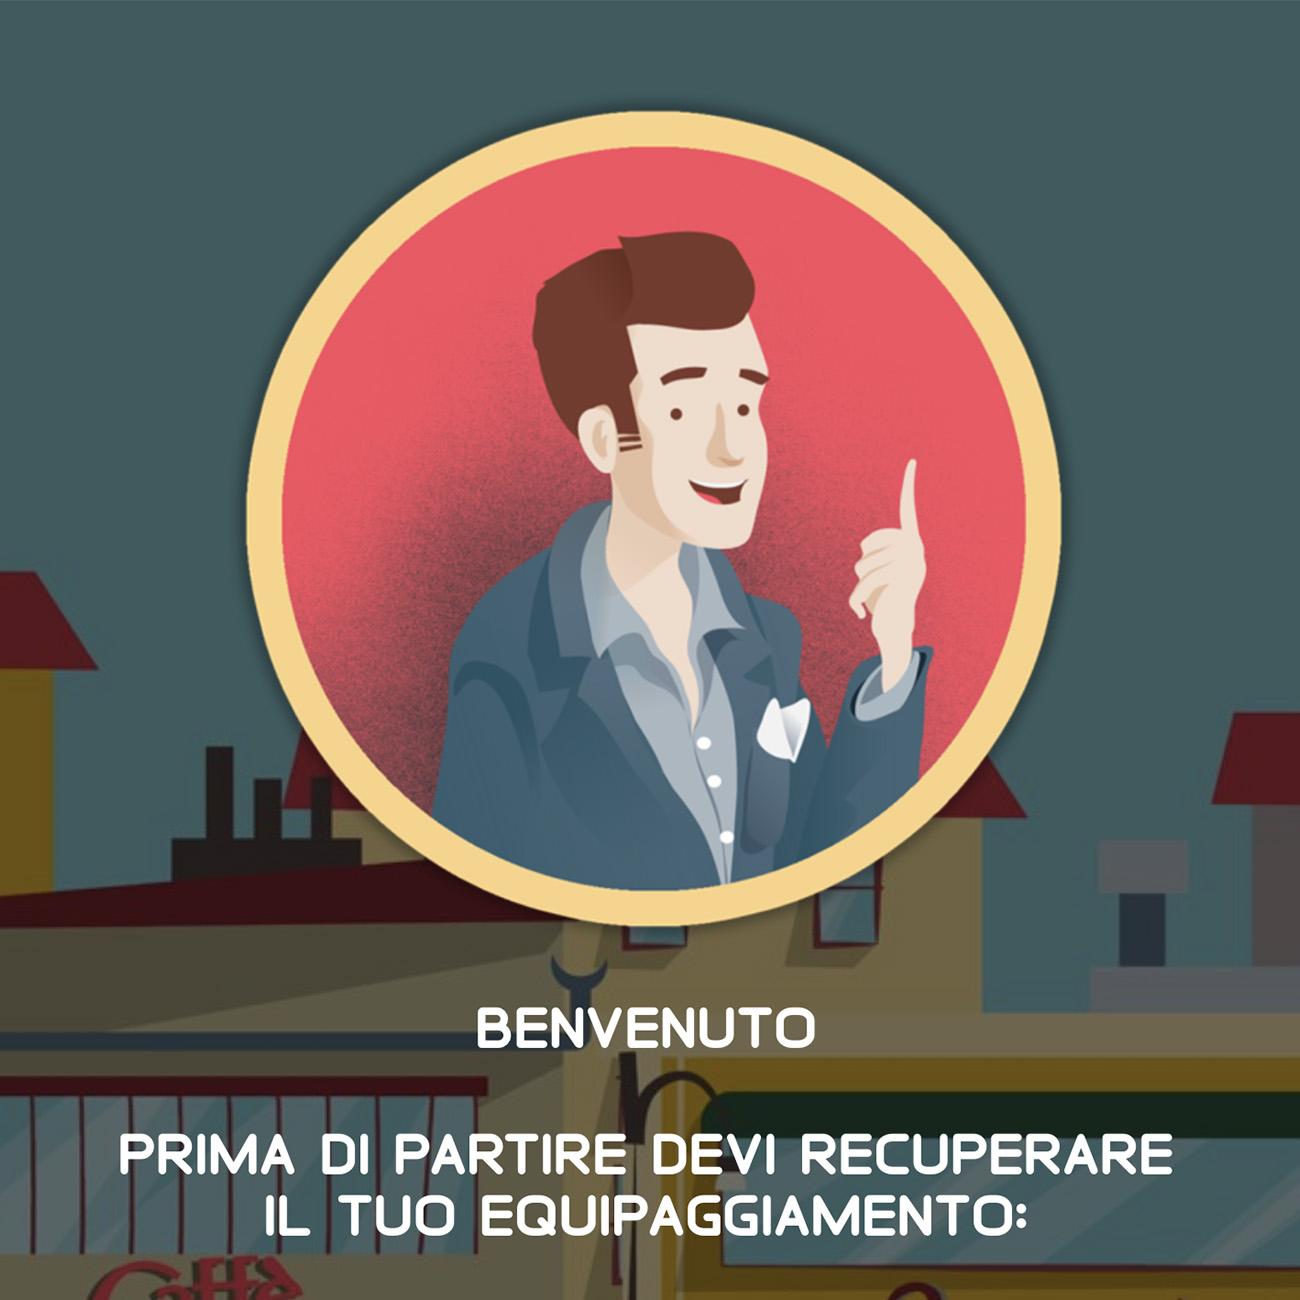 Grifo Multimedia - Heineken partesa missione cliente